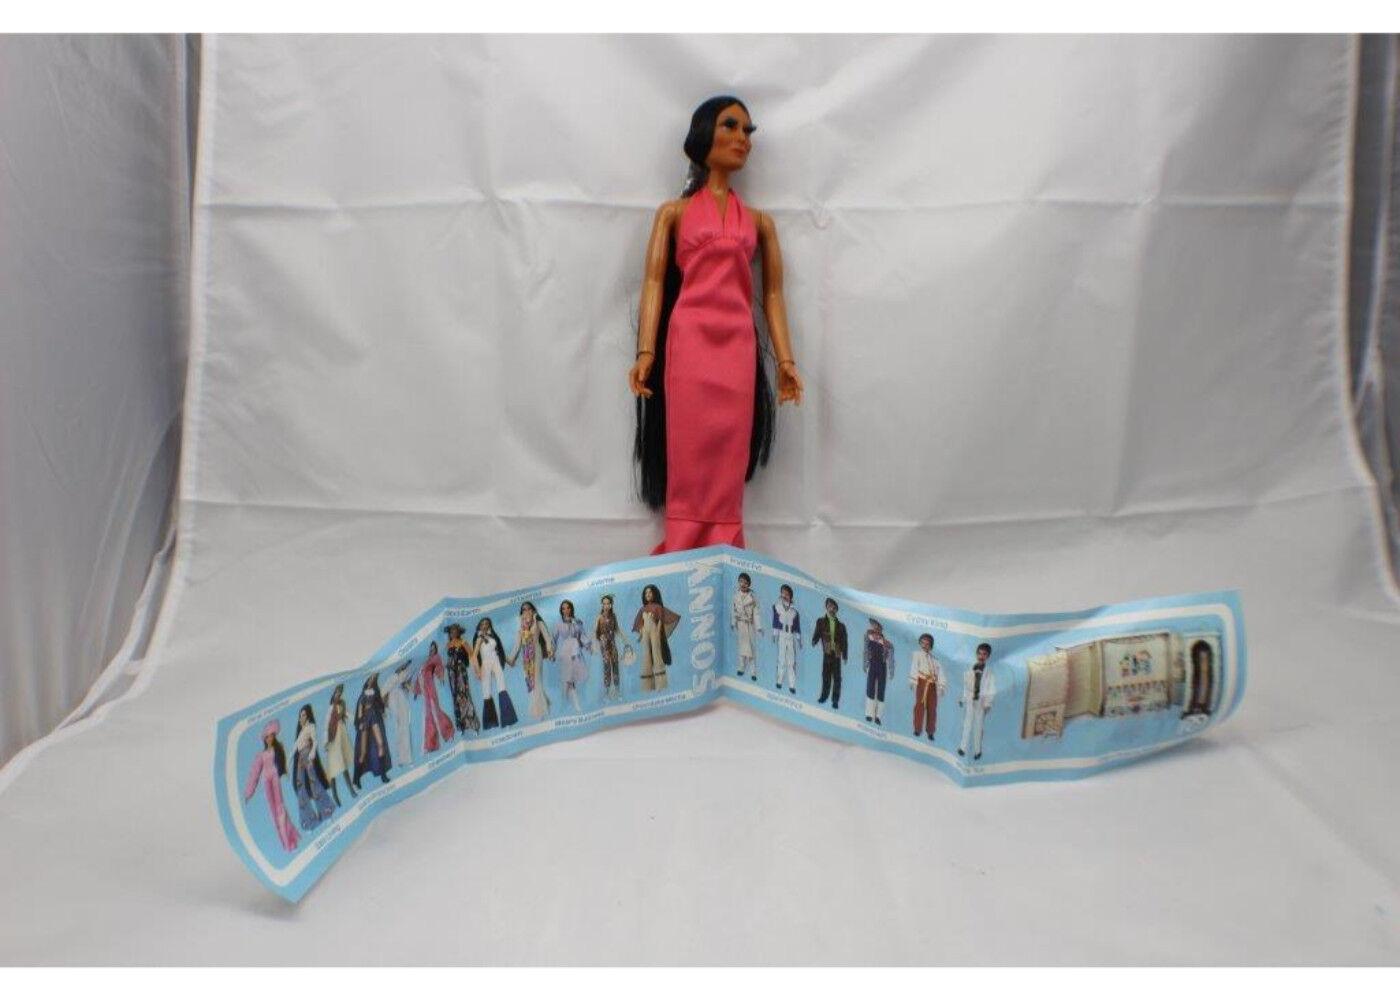 1976 muñeca de Cher Mego Vestido rosado Nuevo Stock Viejo Nuevo Vintage J.C. Penney especial